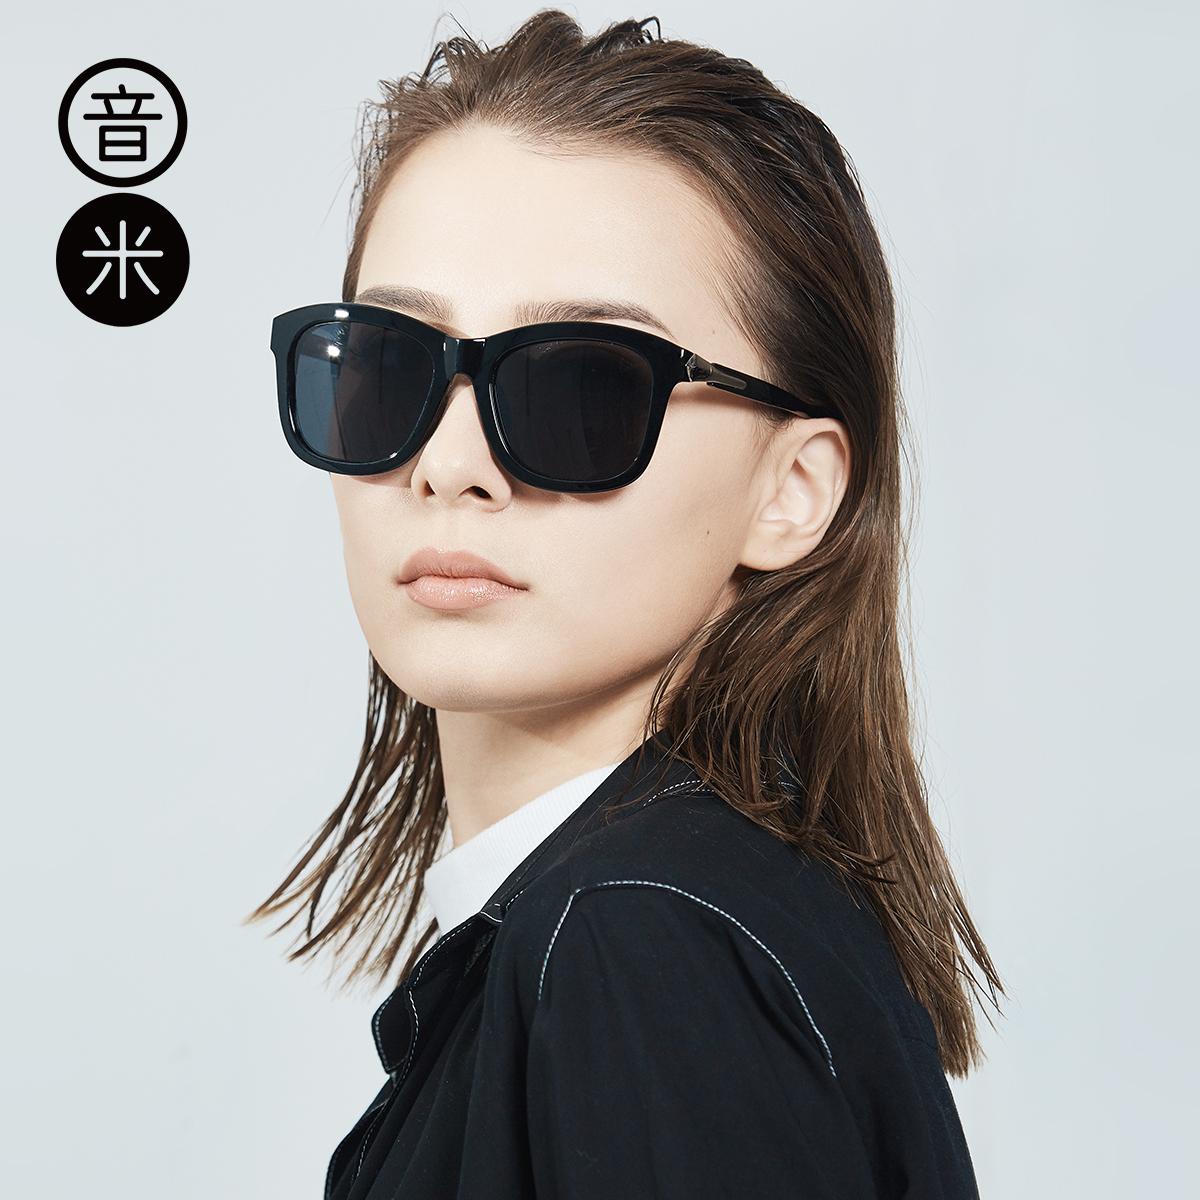 大框黑超墨镜